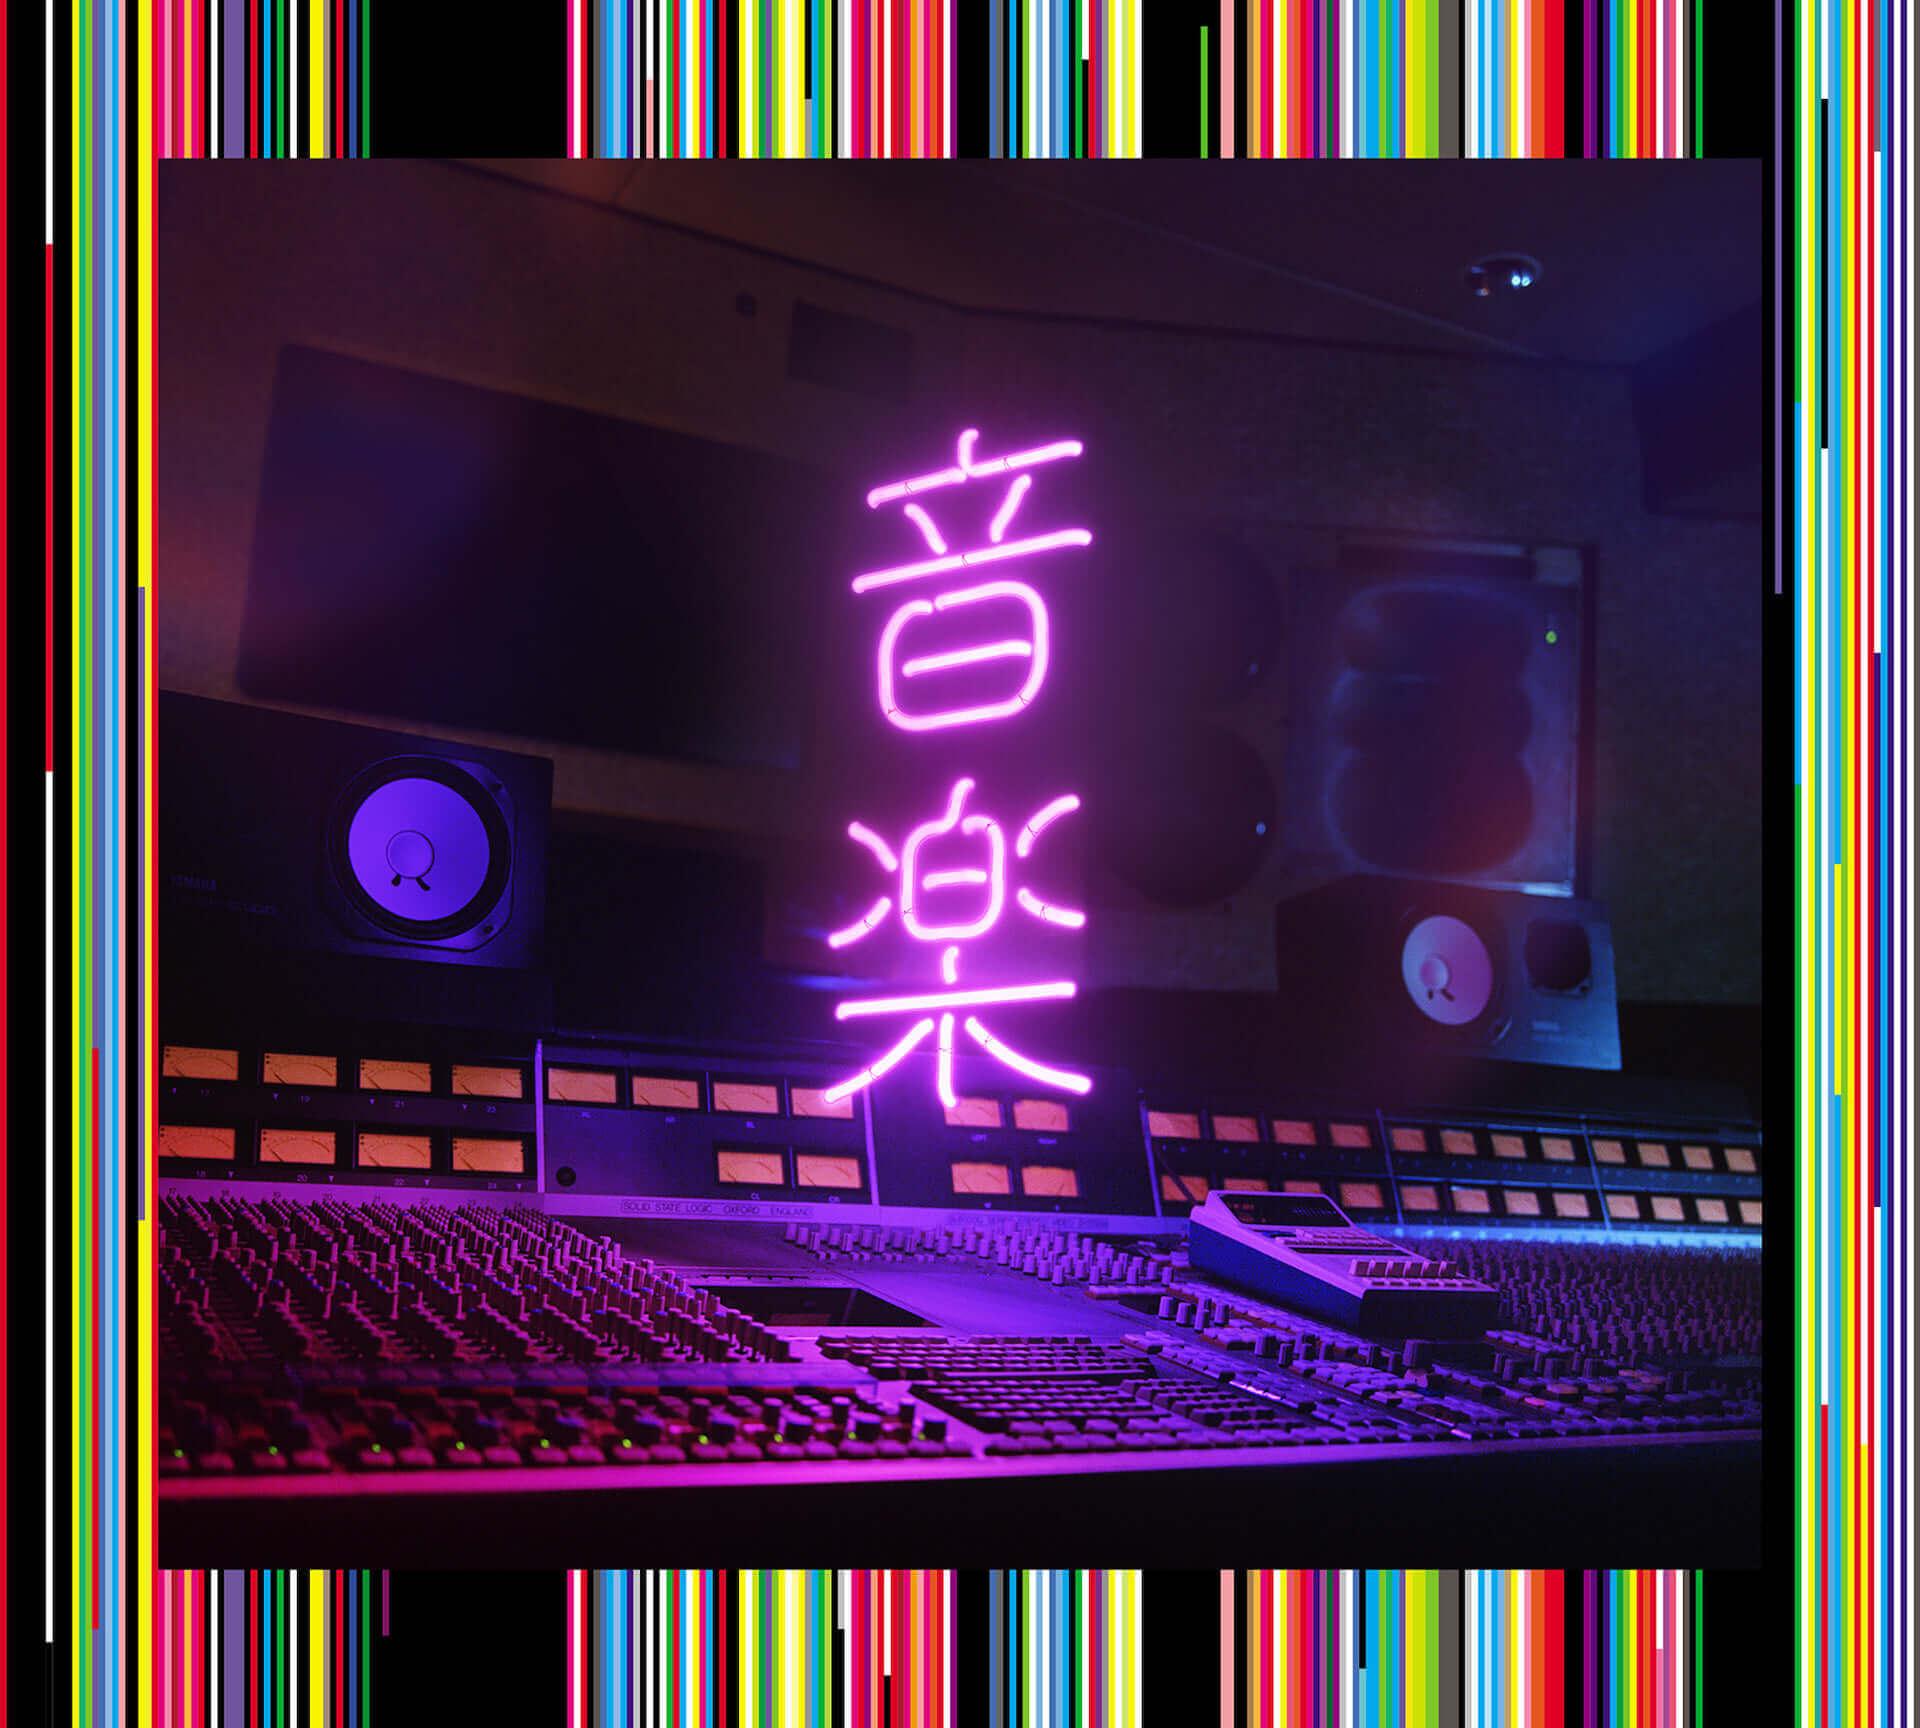 フルアルバム『音楽』のリリースを控える東京事変が来週の『ミュージックステーション』に登場! music210507_tokyoincident_3